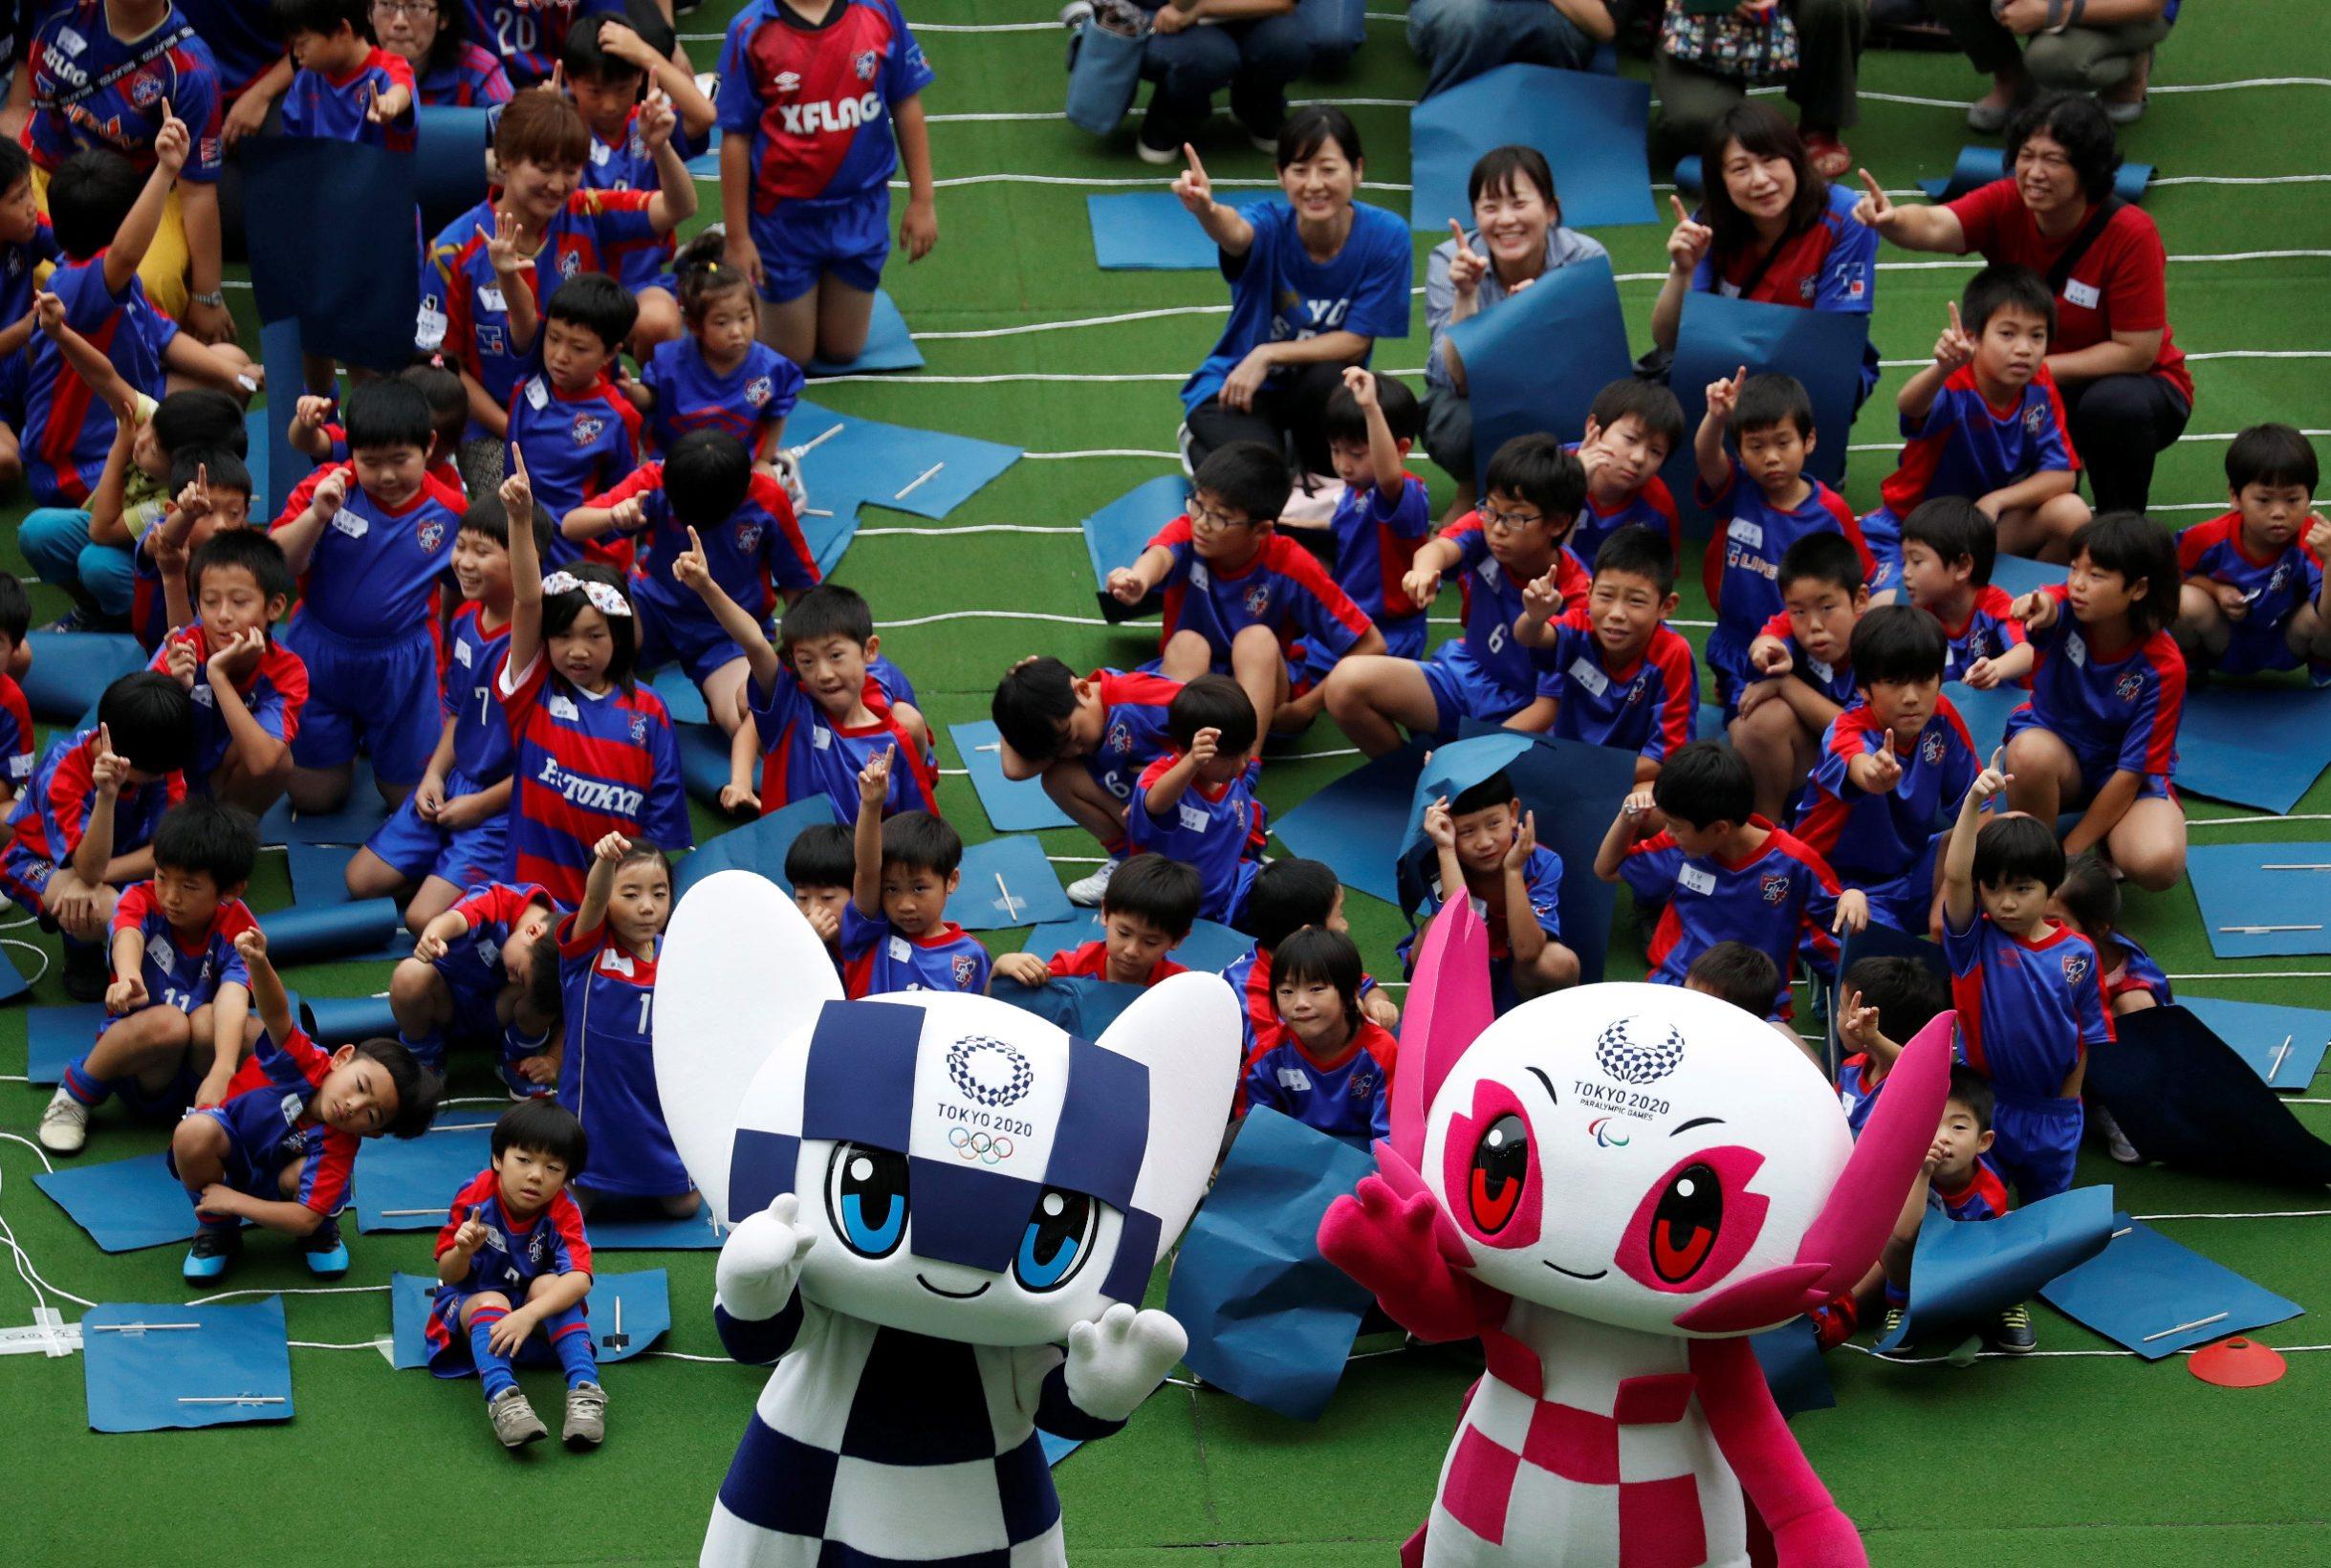 Predstavljanje maskota Olimpijade u Tokiju: Roboti Miratowa i Someity